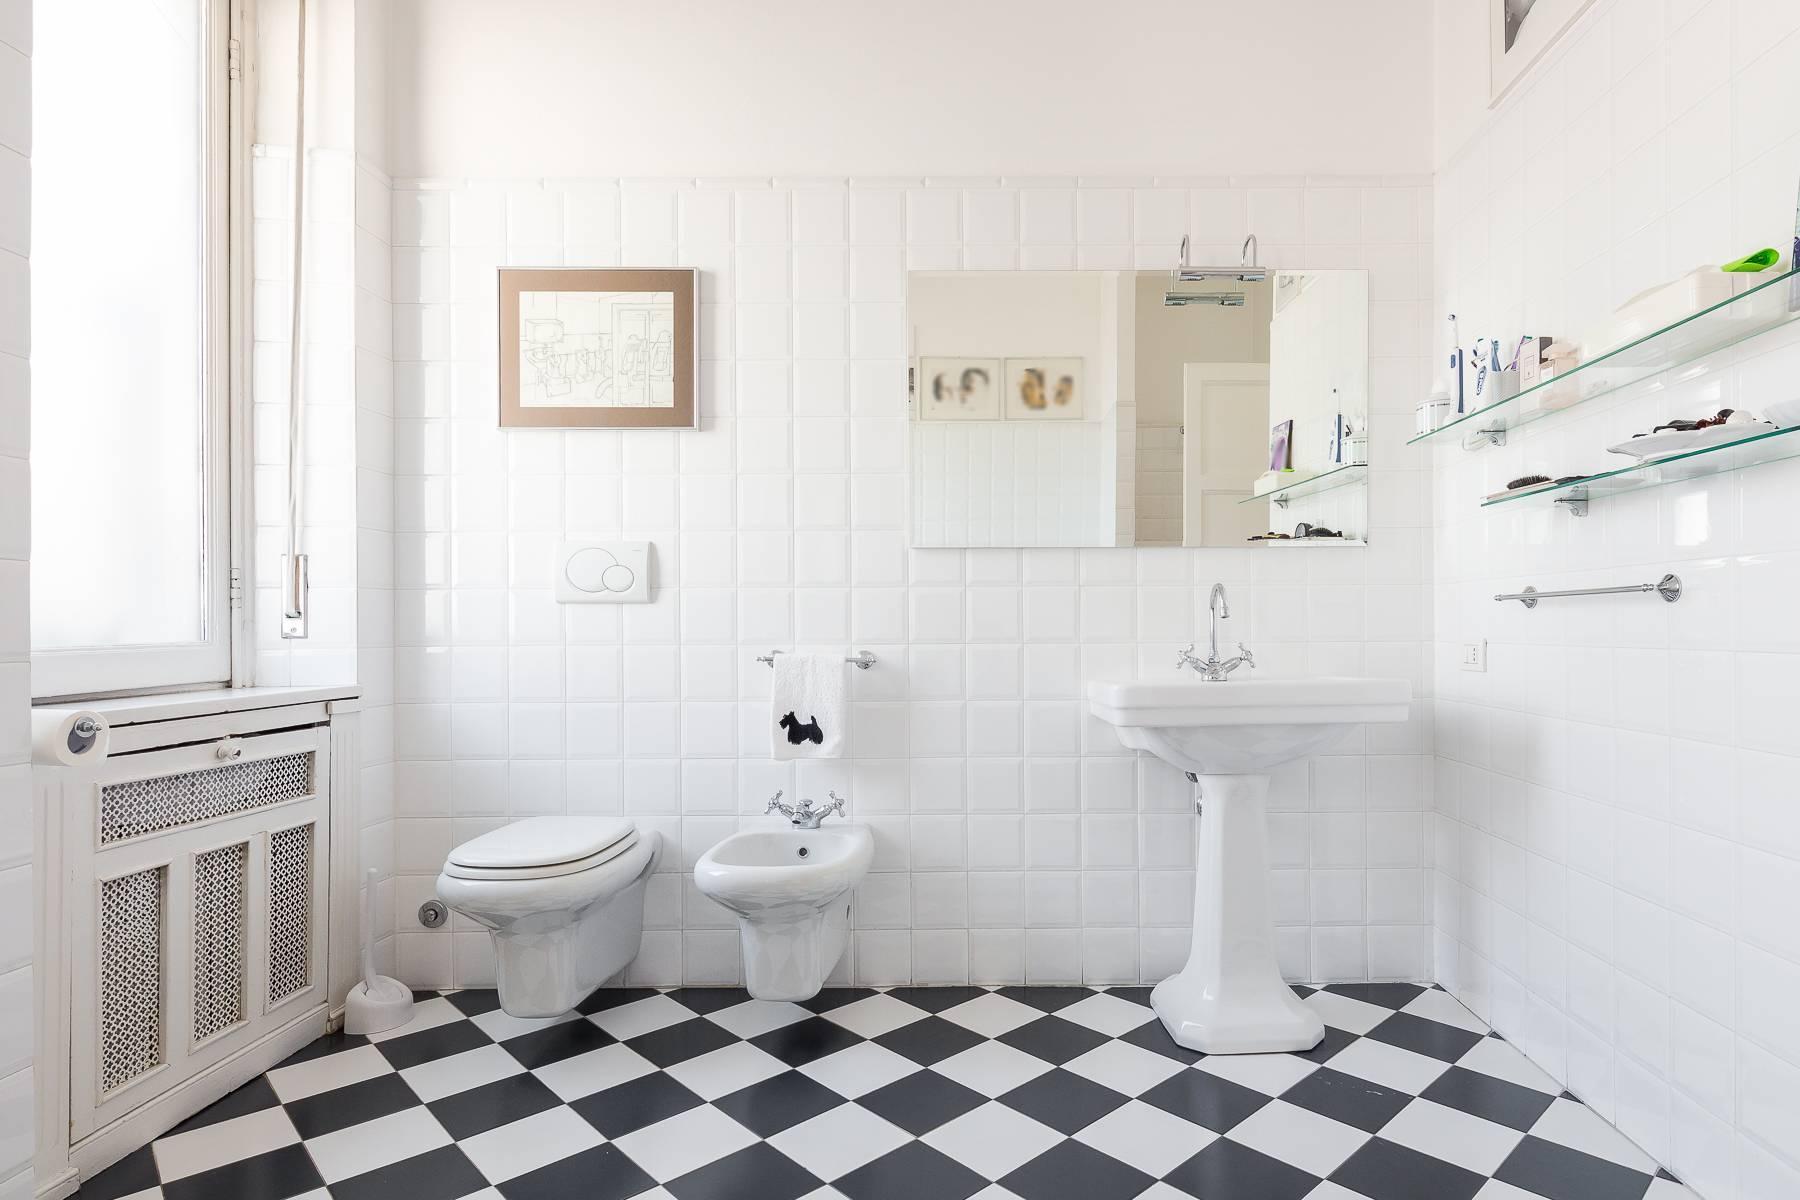 Appartamento esclusivo di 200 mq in nuda proprietà in un palazzo d'epoca - 10